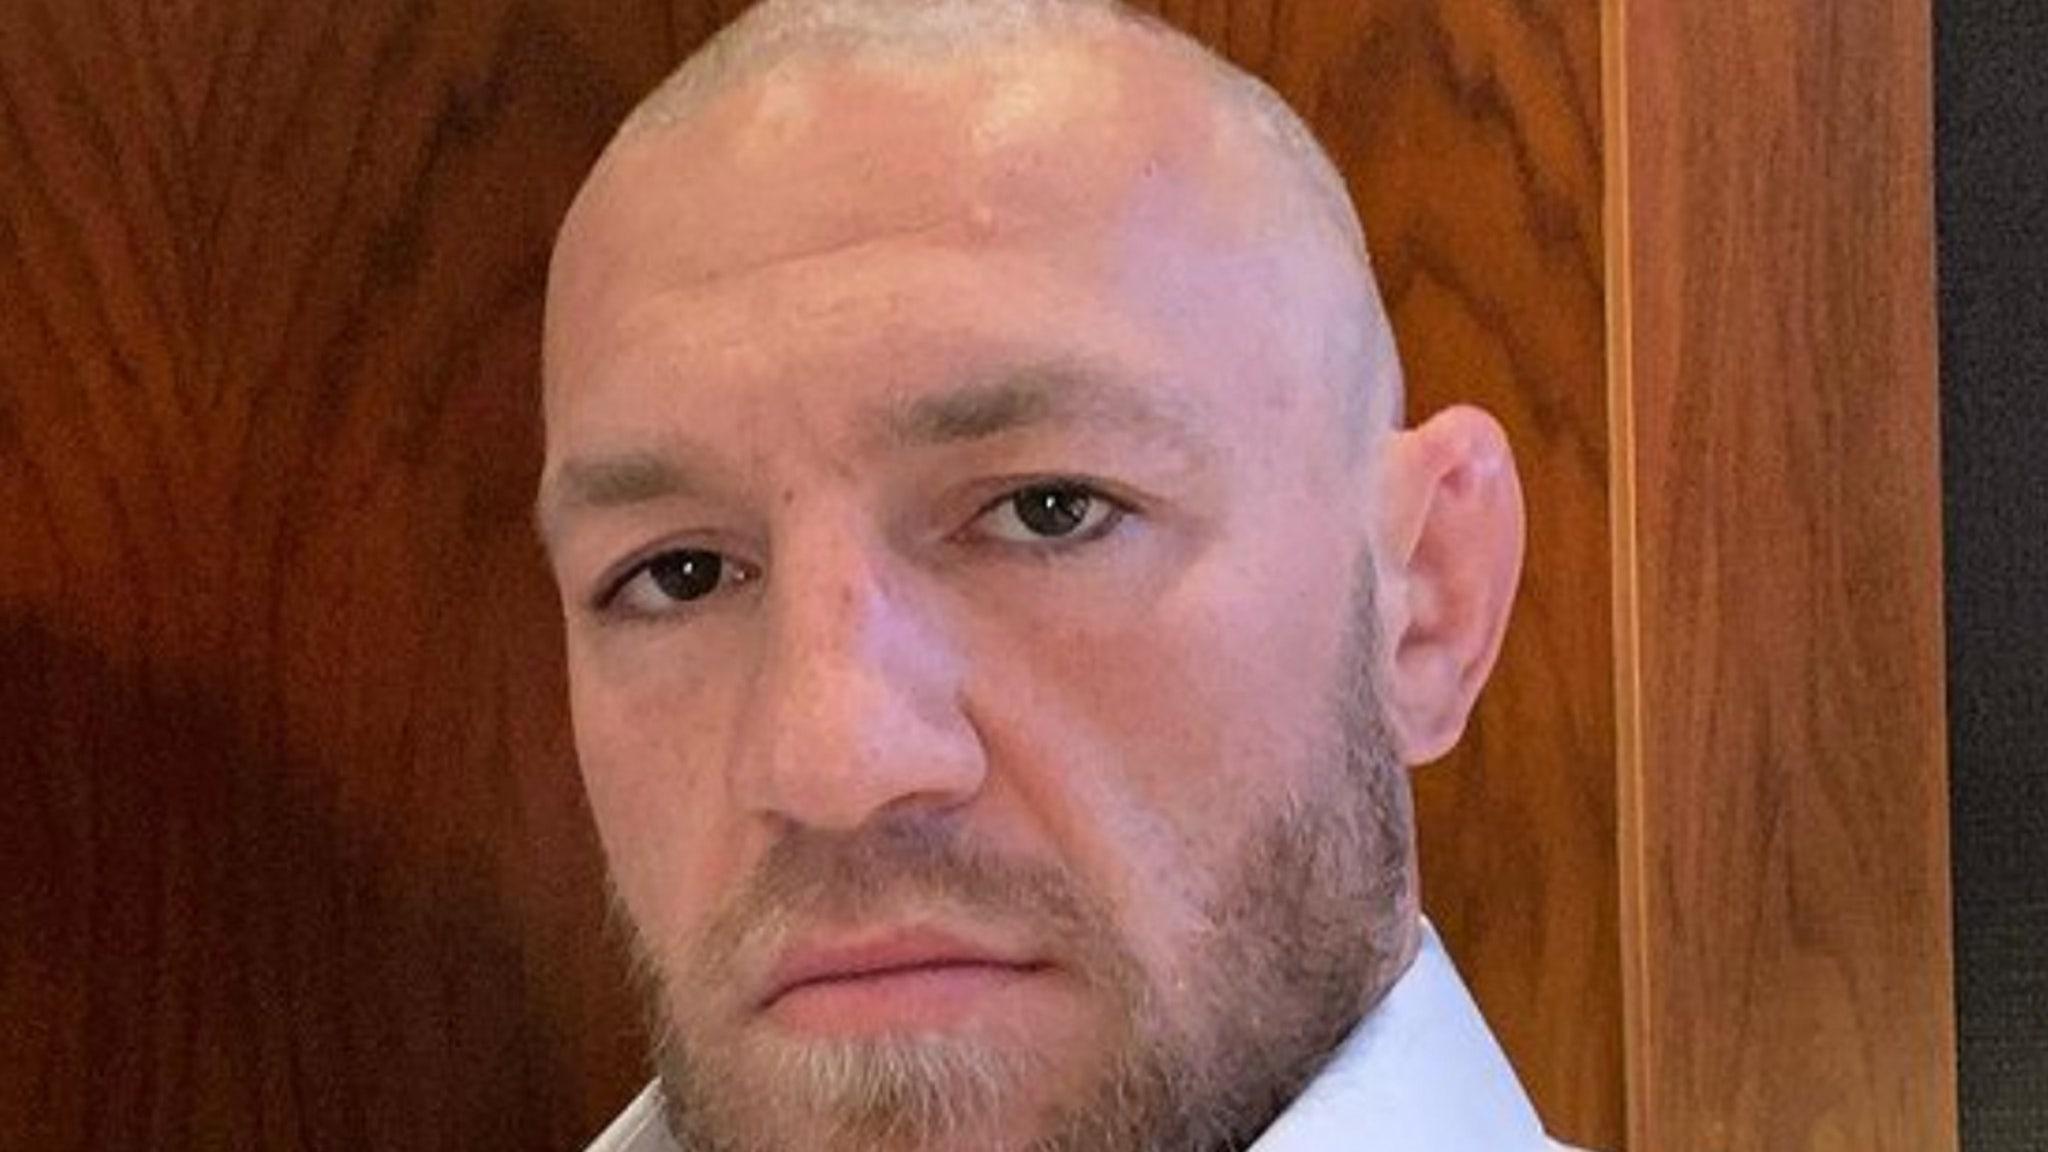 Конор МакГрегор отрицает правонарушения после того, как две женщины подали иски против звезды UFC